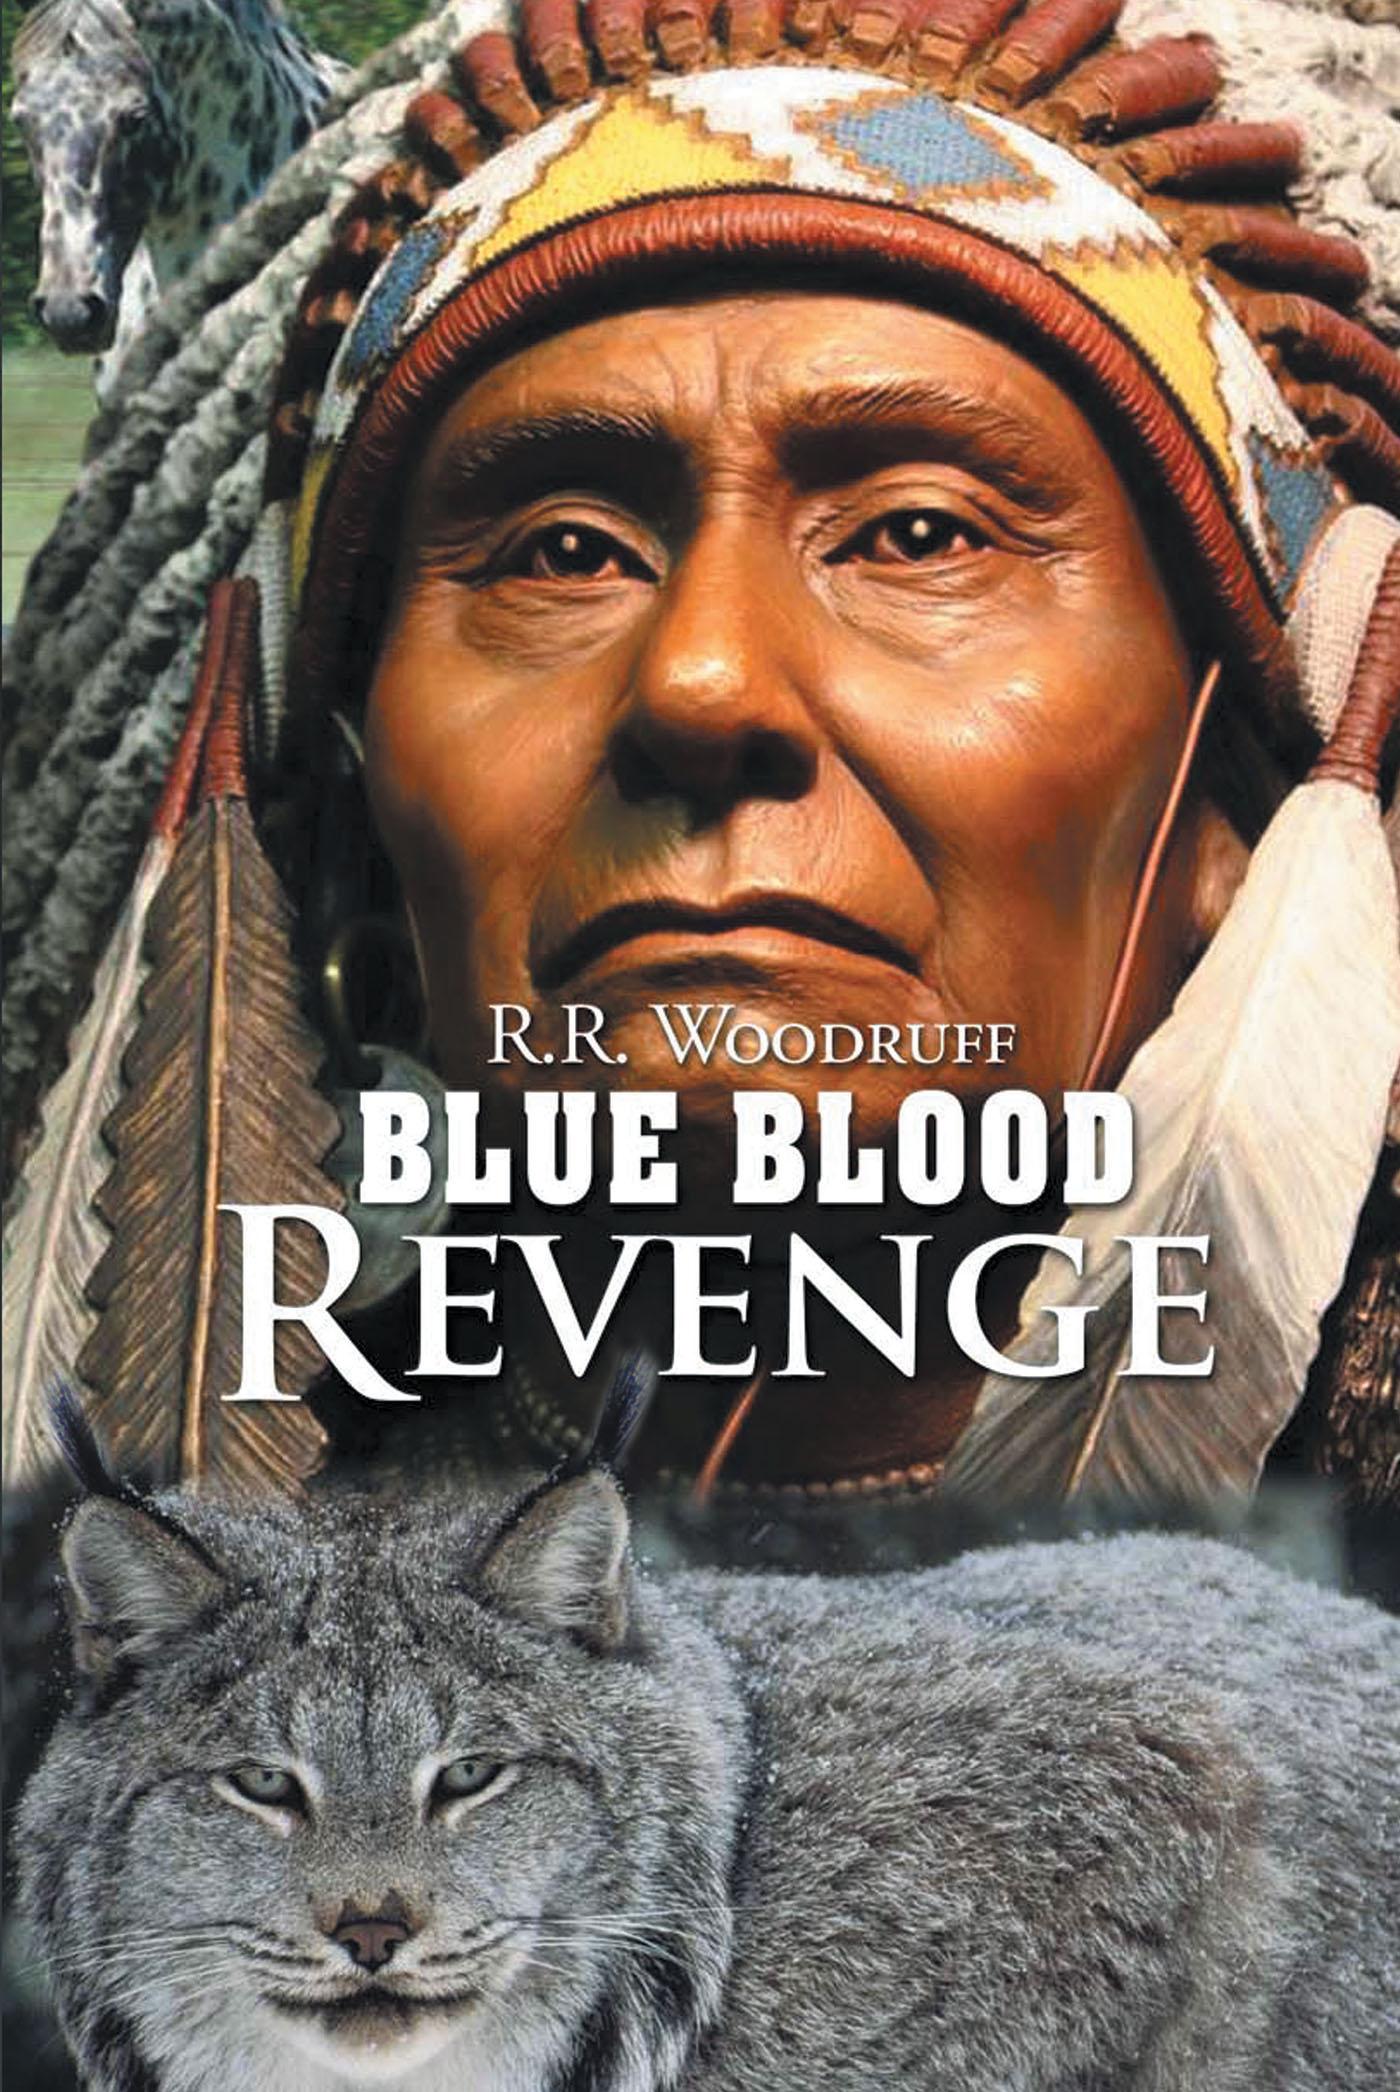 Blue Blood Revenge